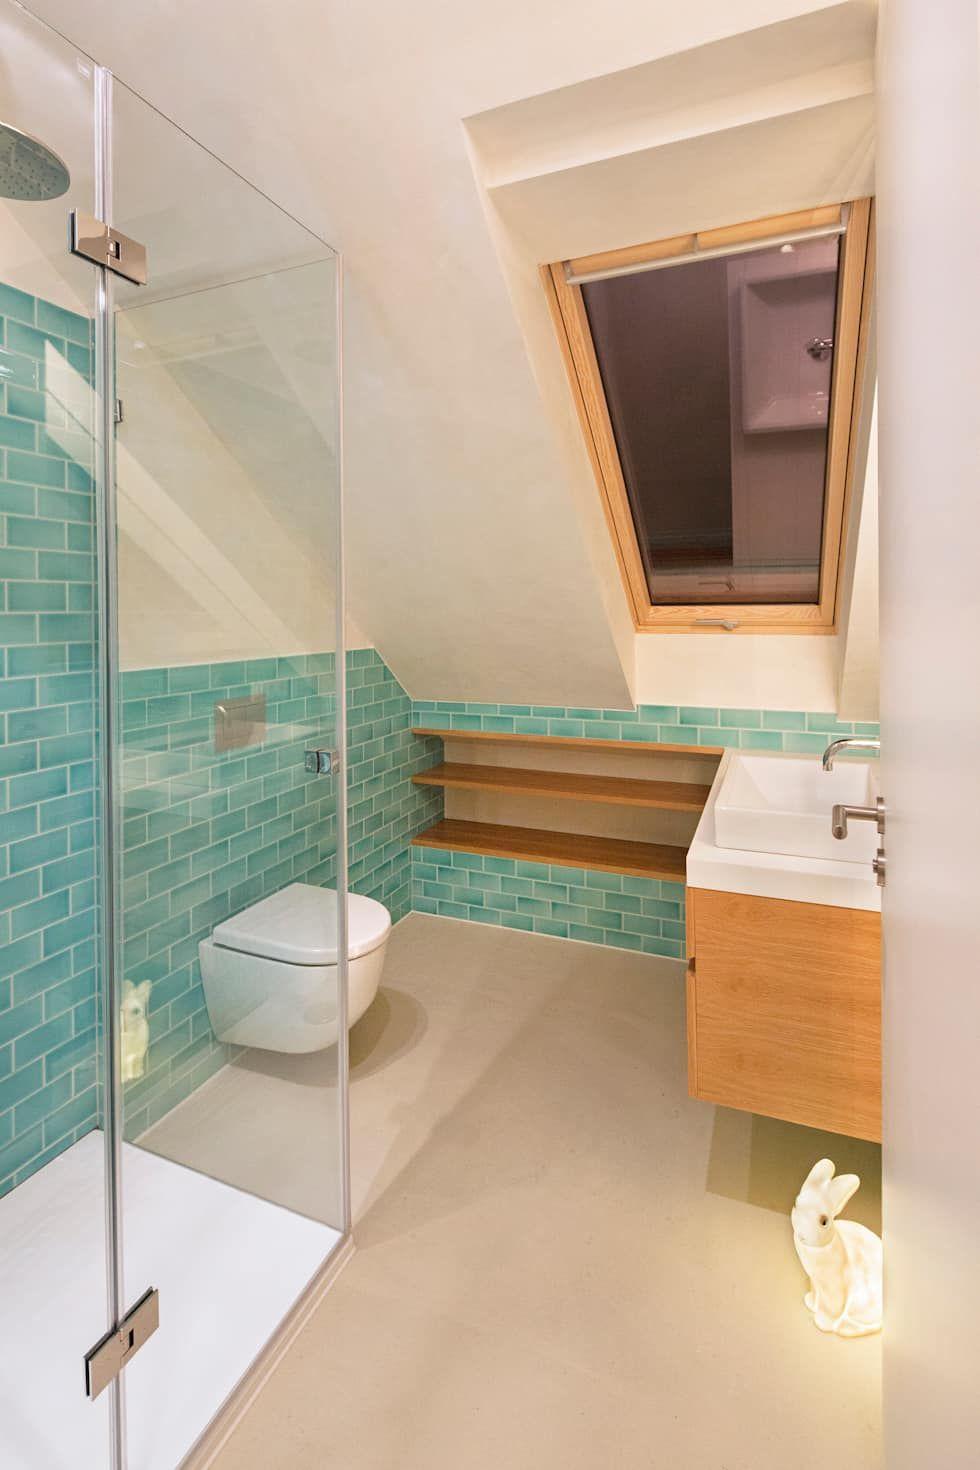 Besonderes Berliner Badezimmer In 2020 Badezimmer Schone Badezimmer Regendusche